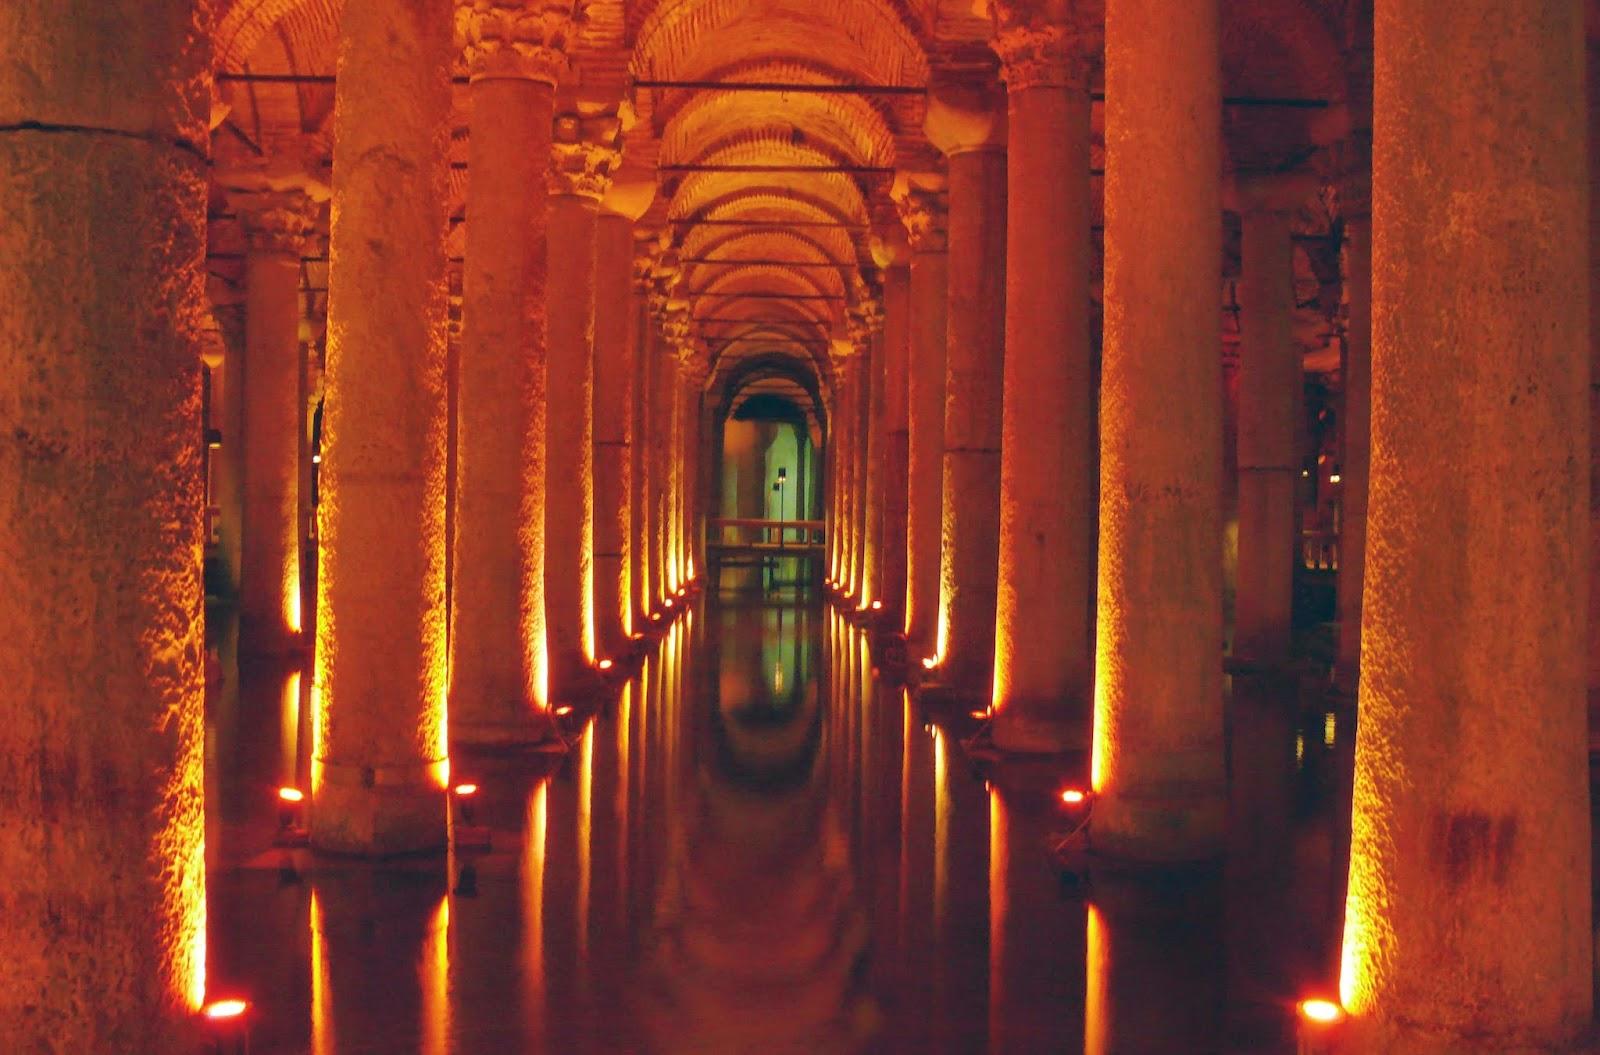 Cisternas de Yerebatan